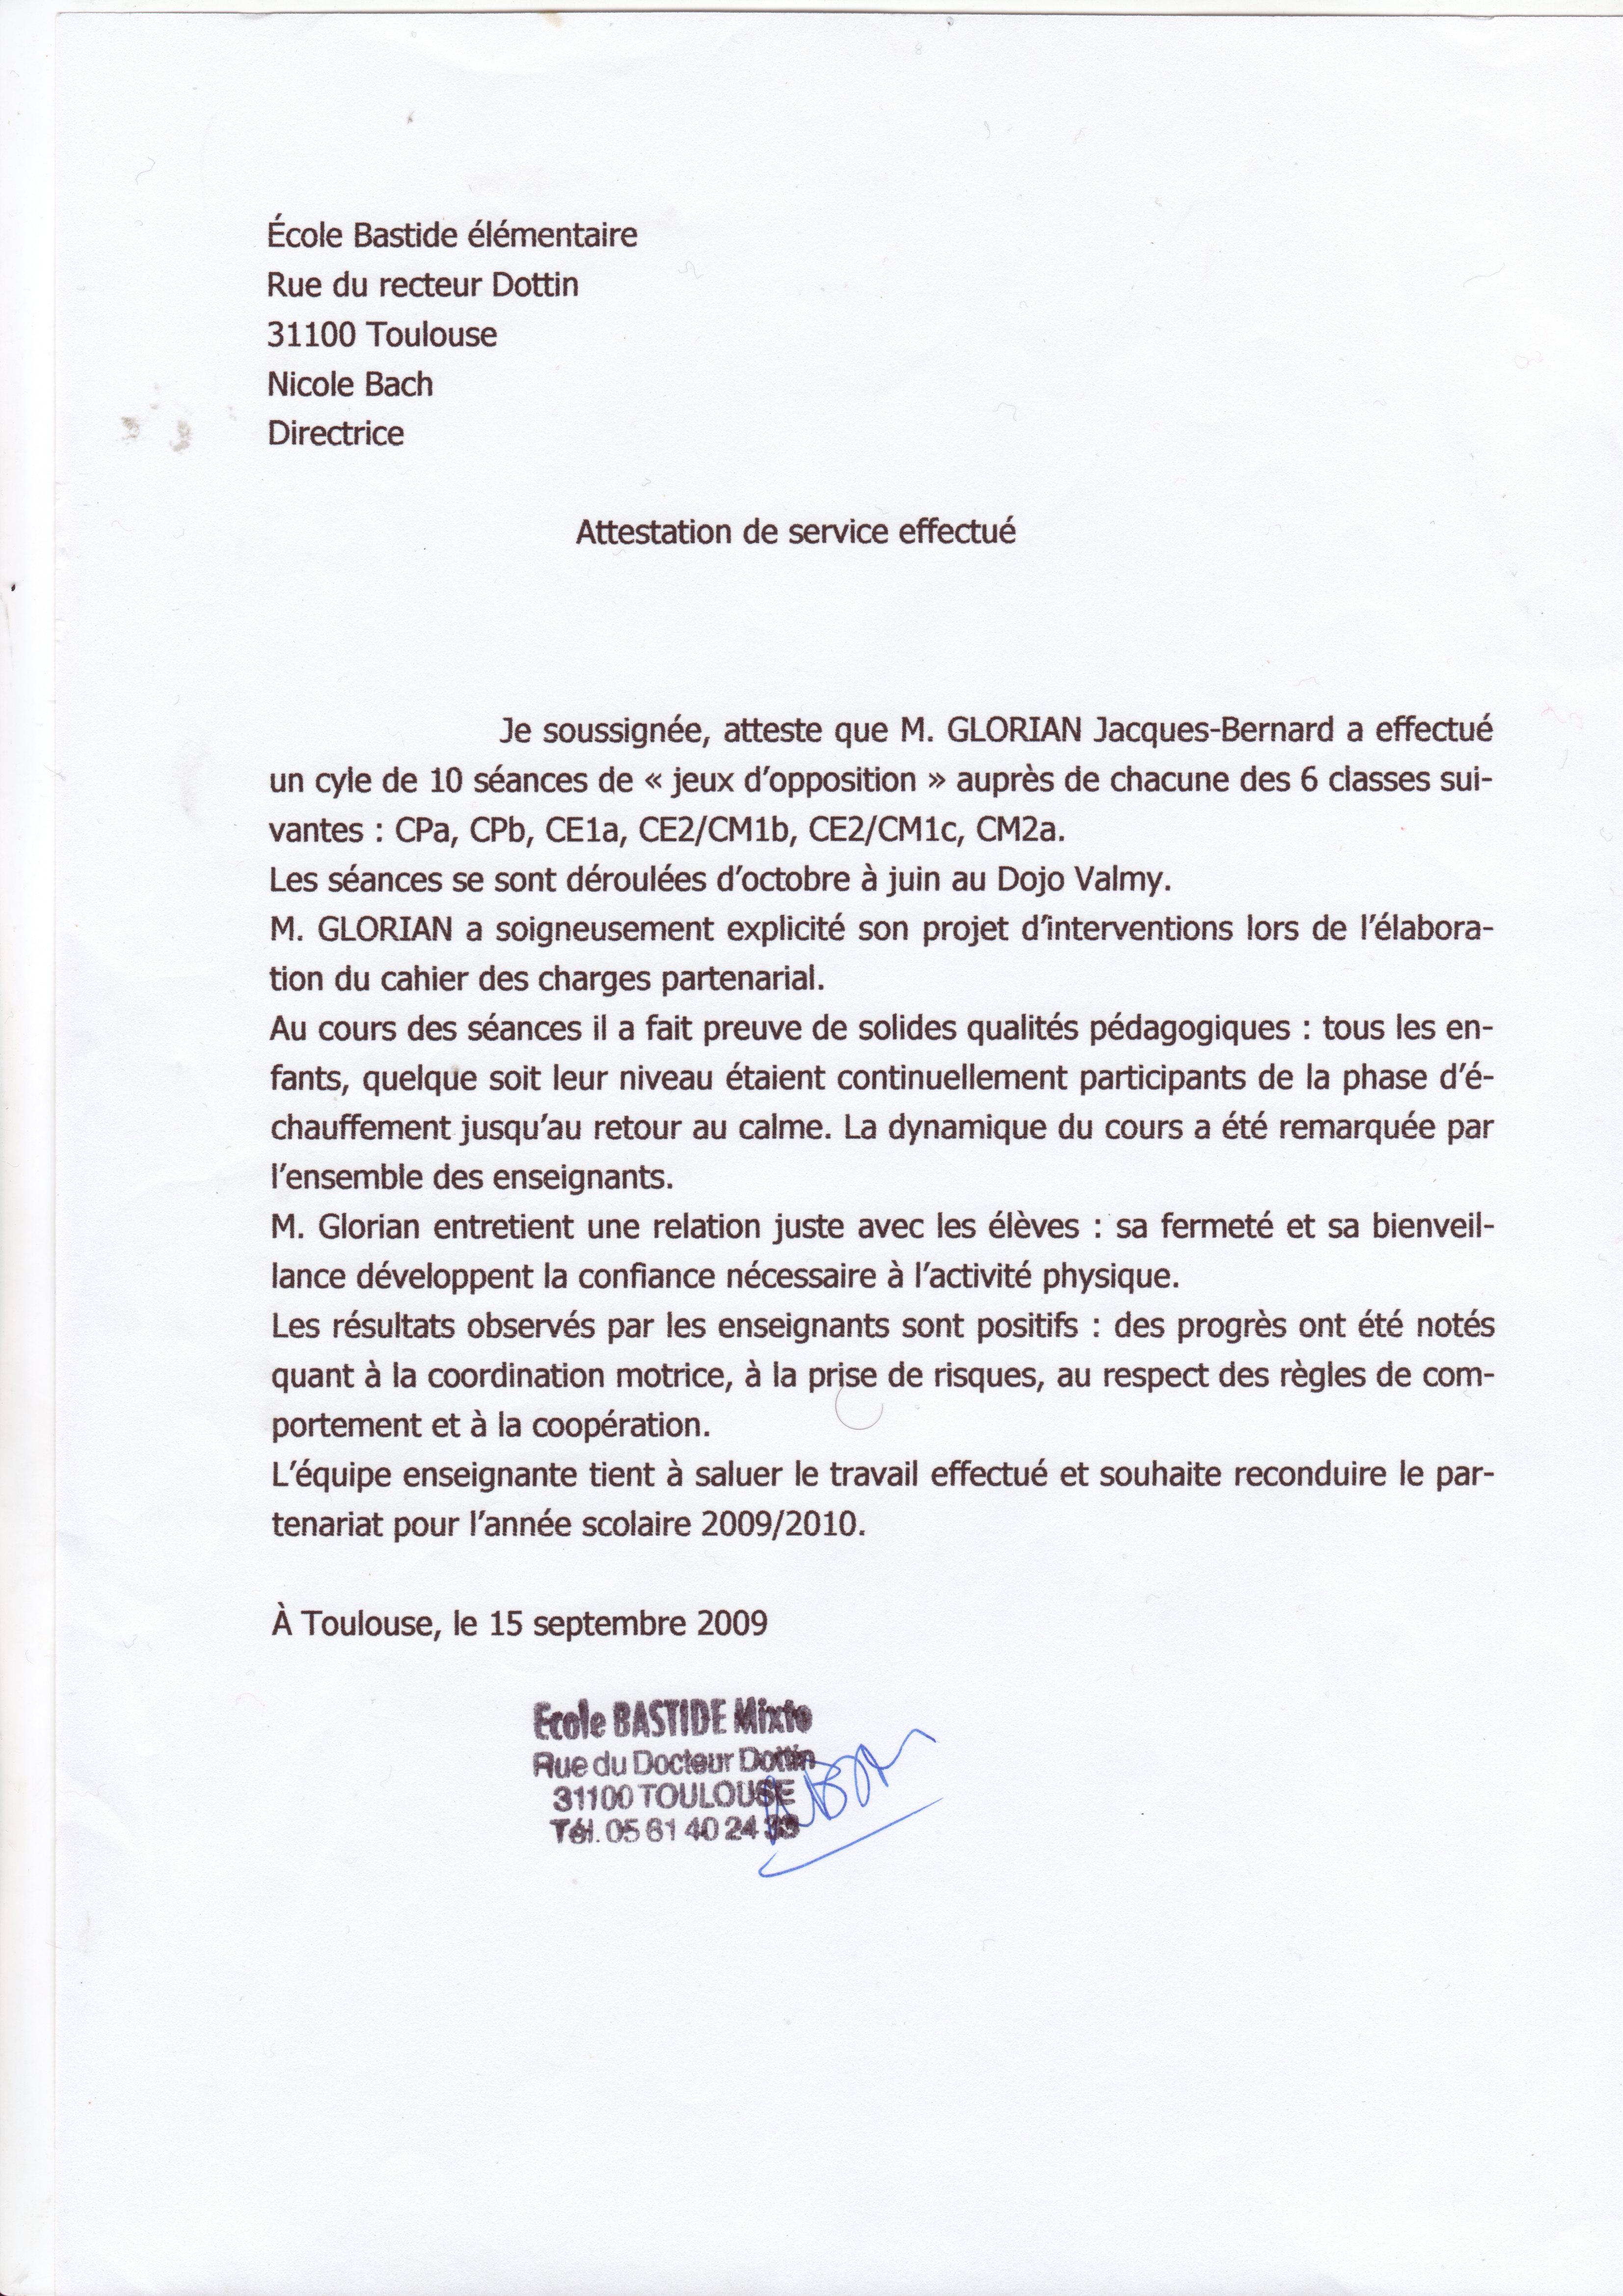 lettre de recommandation pour un collegue Lettre De Recommandation Collègue | koffiemetzorg lettre de recommandation pour un collegue